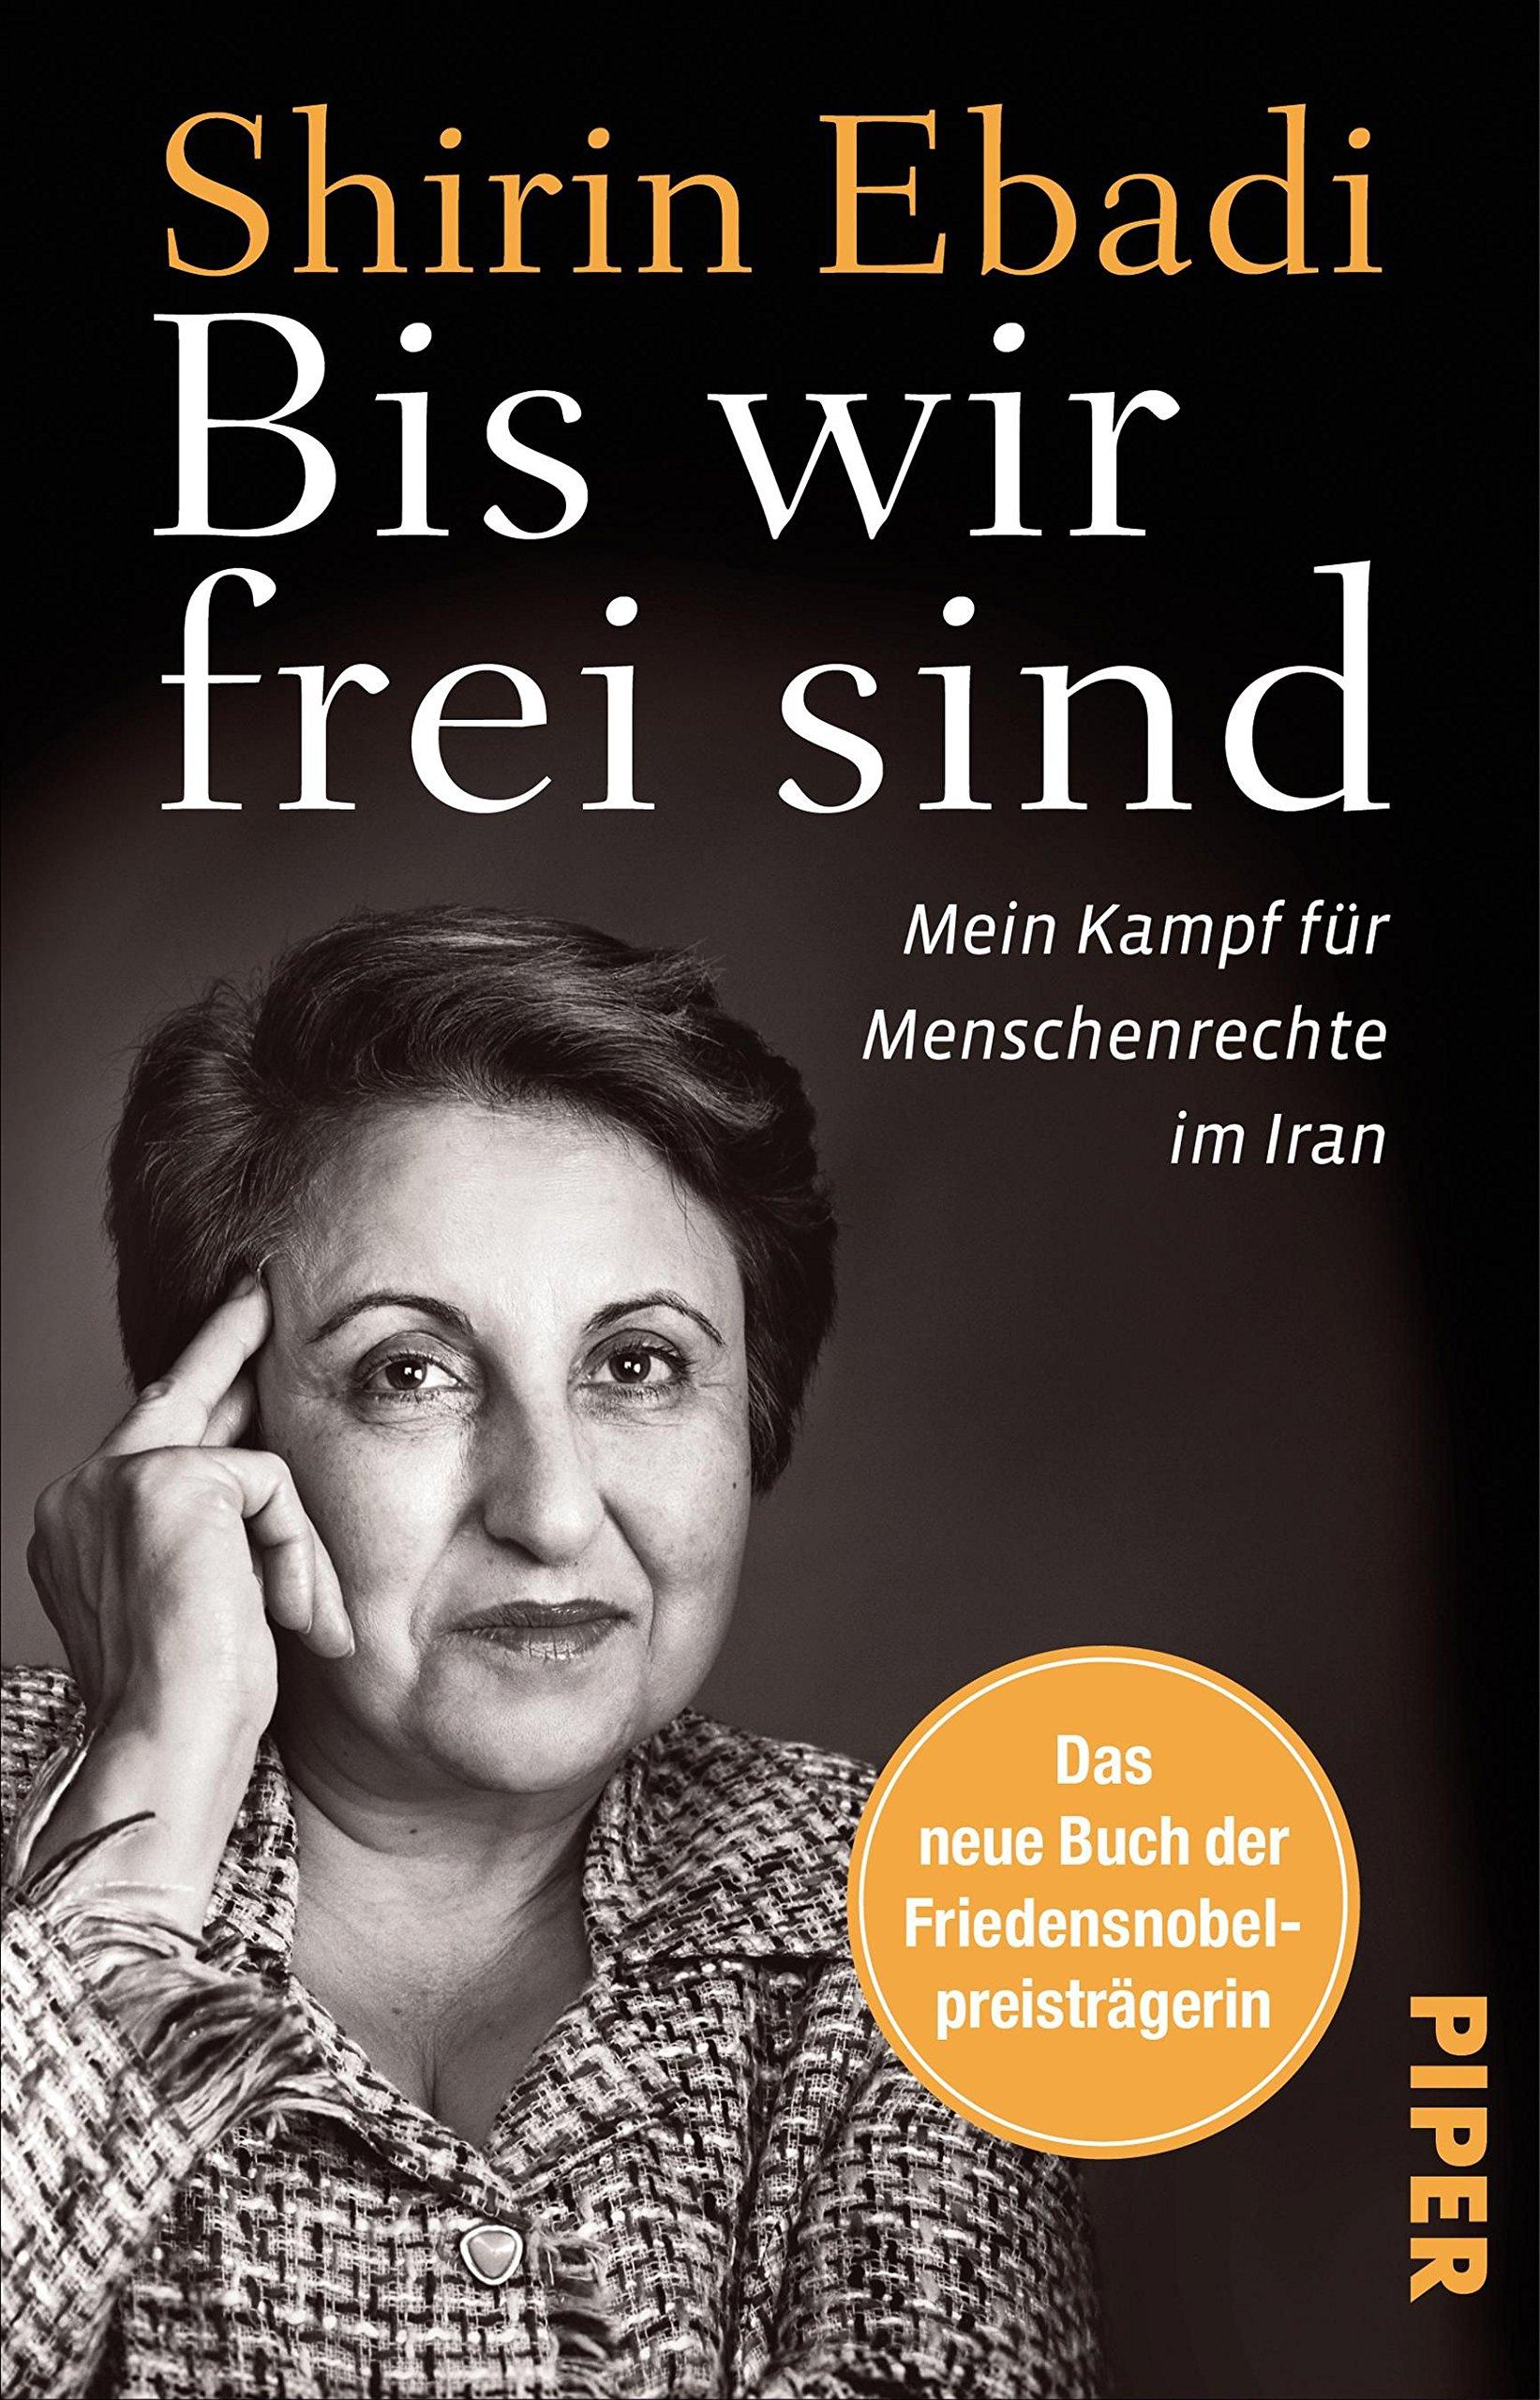 Bis wir frei sind: Mein Kampf für Menschenrechte im Iran Taschenbuch – 1. Dezember 2017 Shirin Ebadi Ursula Pesch Piper Taschenbuch 3492311857